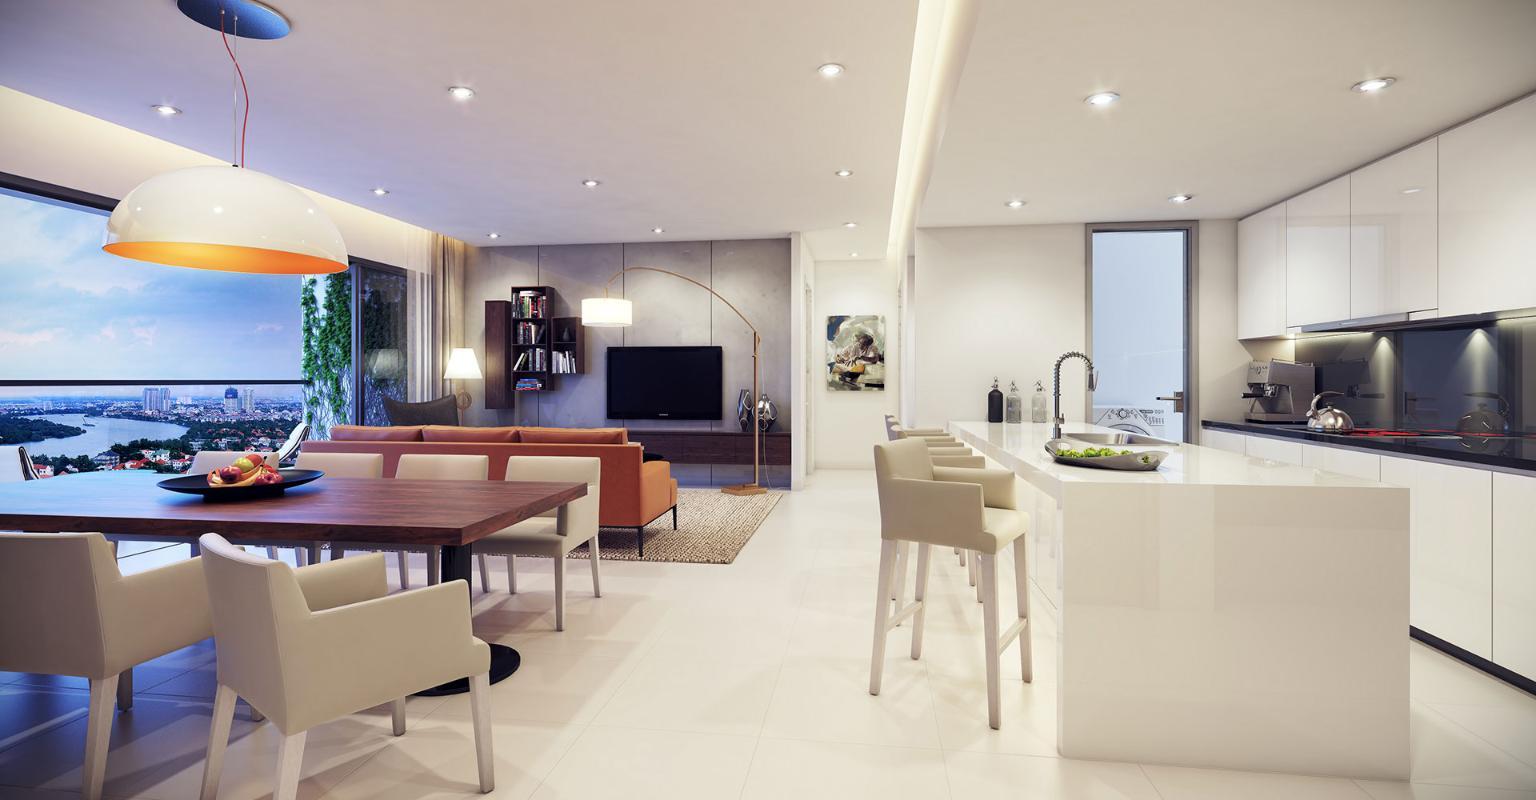 Preche Thảo Điền - Phòng khách kết hợp phòng bếp và phòng ăn